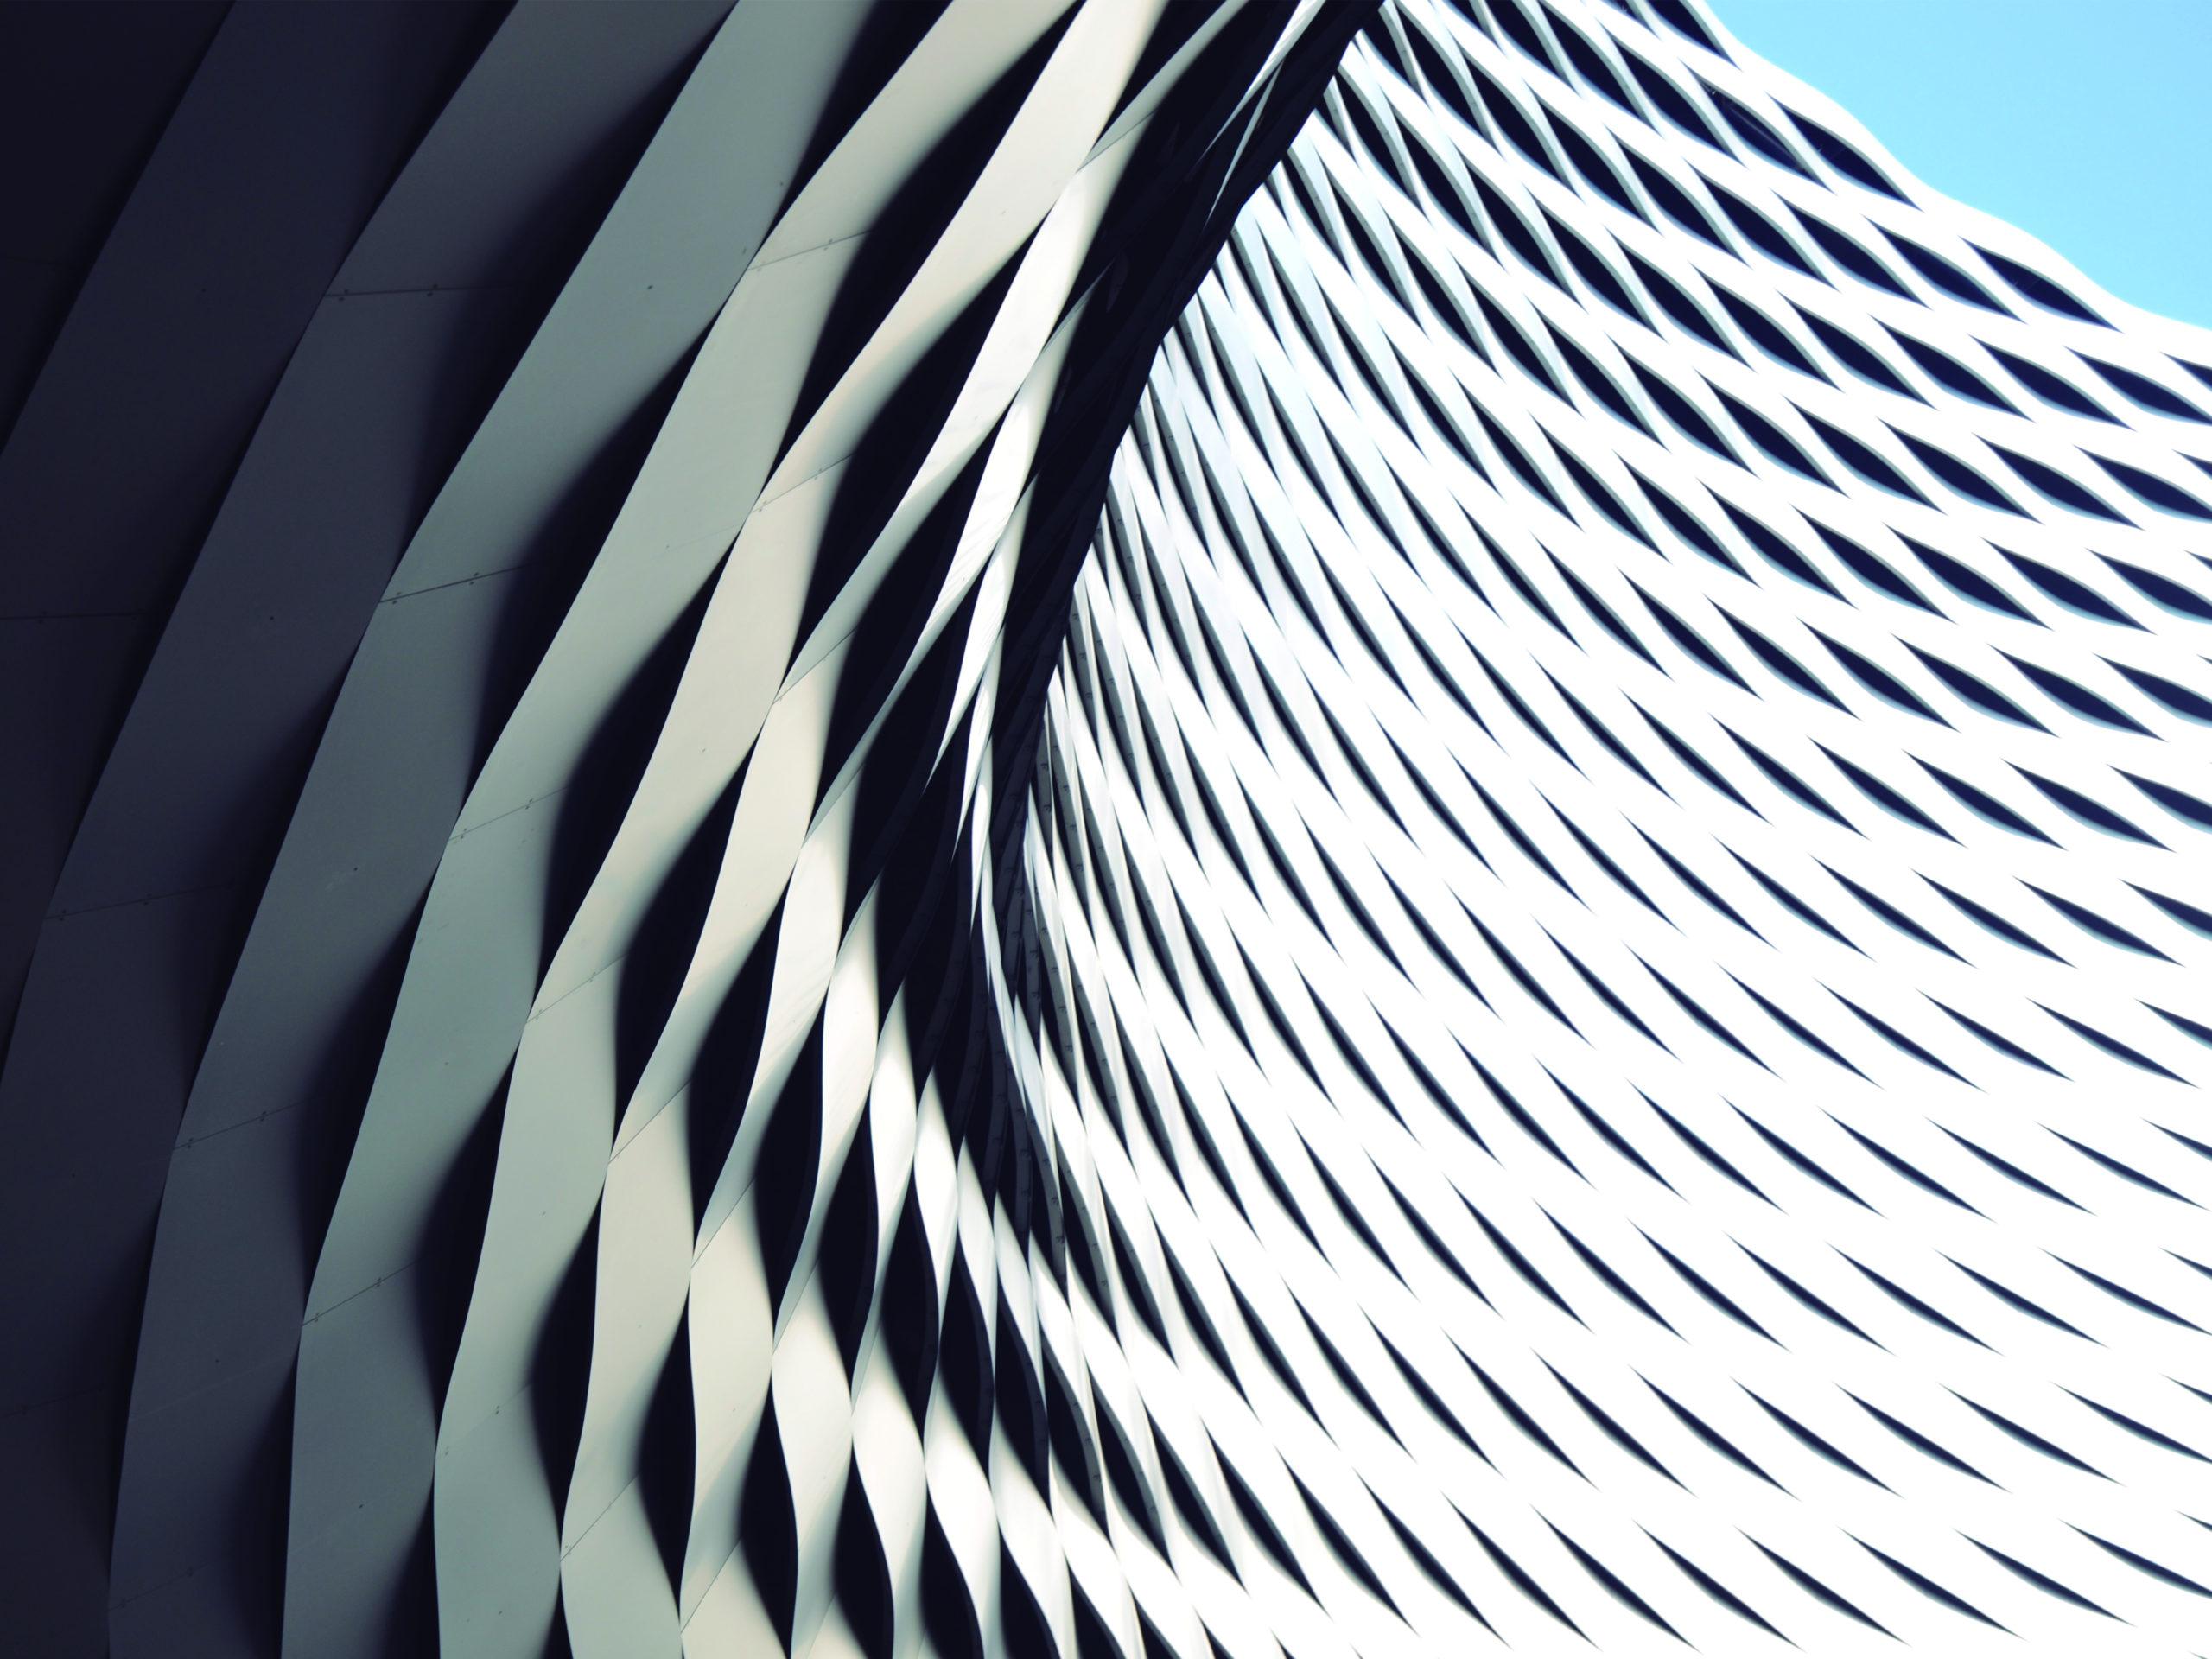 Arquitecture Texture